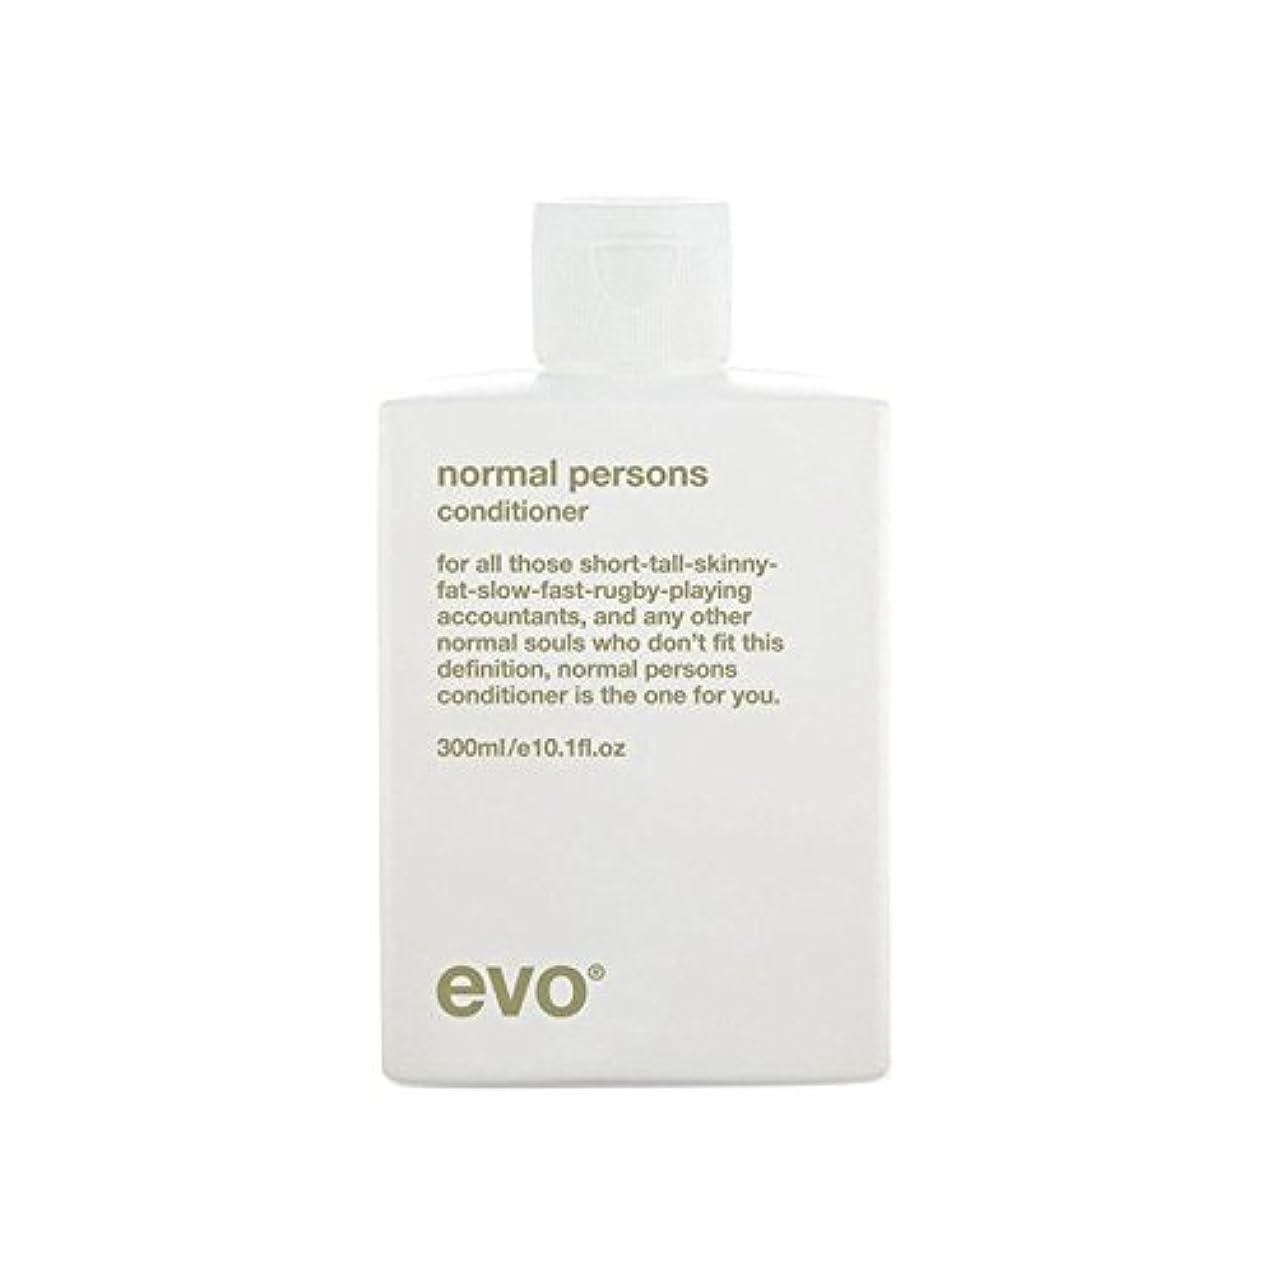 再撮り受信機タウポ湖Evo Normal Persons Conditioner (300ml) - エボ正常人コンディショナー(300ミリリットル) [並行輸入品]